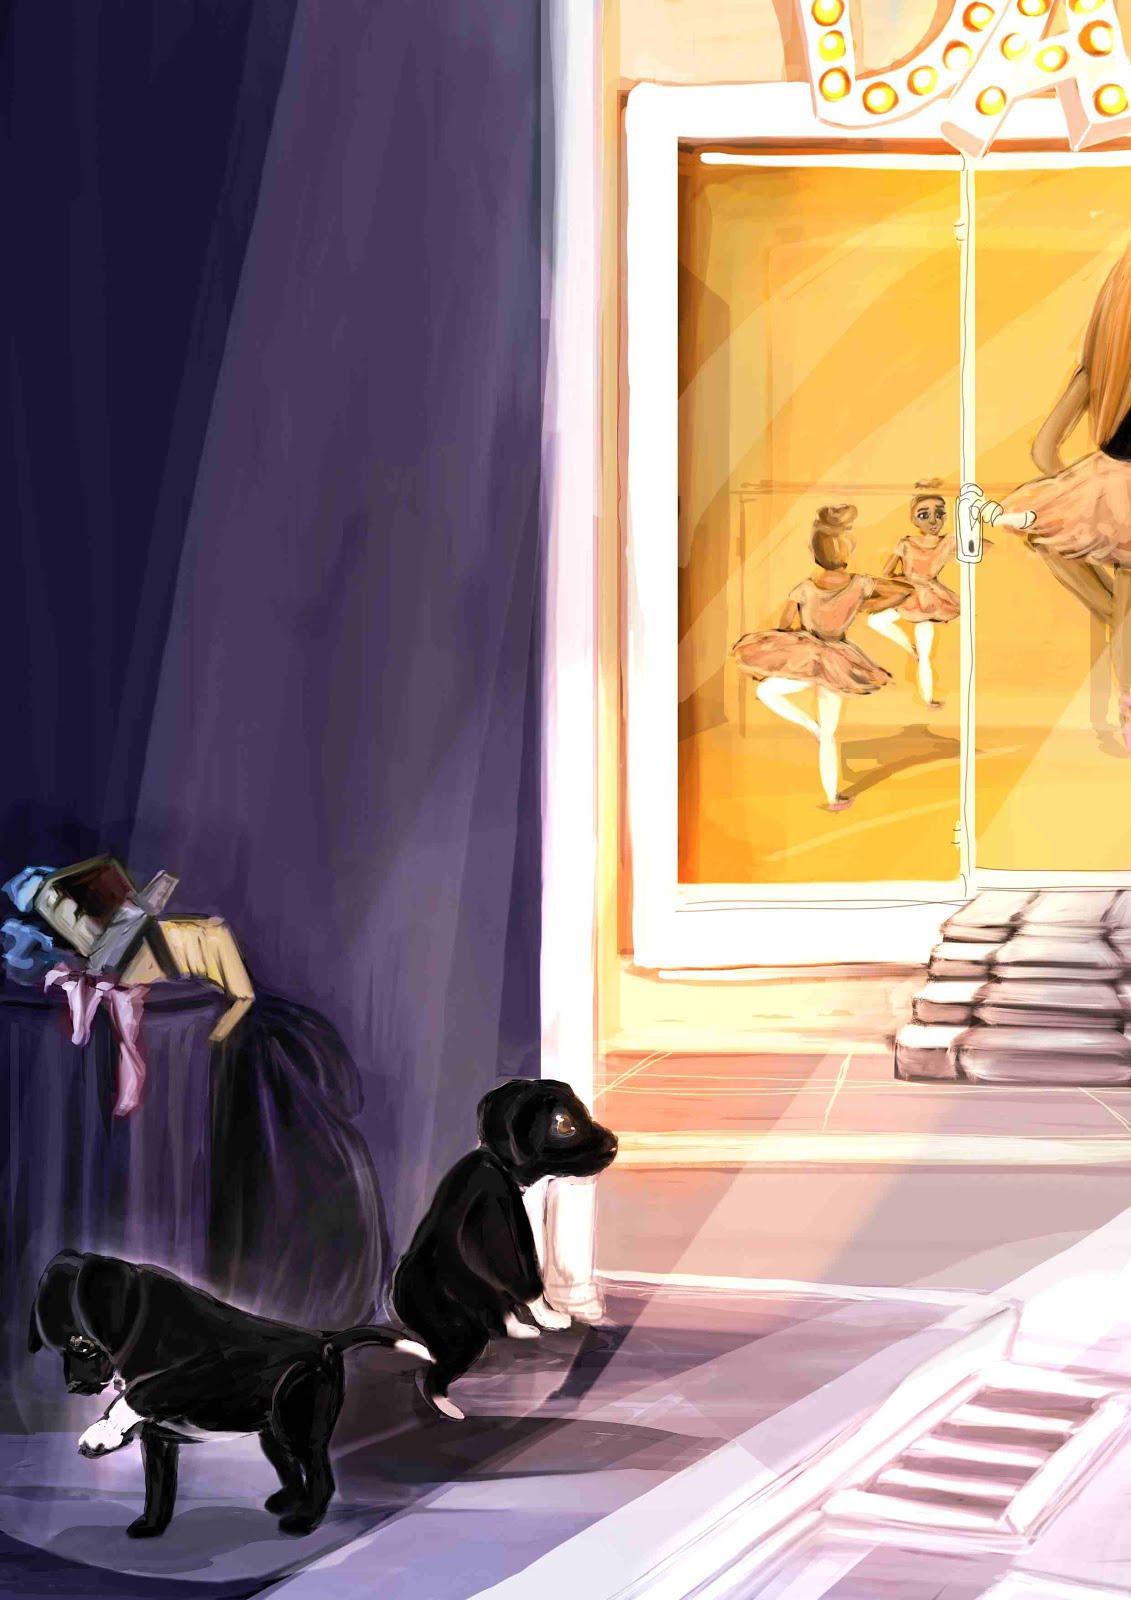 Νέα Κυκλοφορία βιβλίου: Λίζα η Μπαλαρίνα